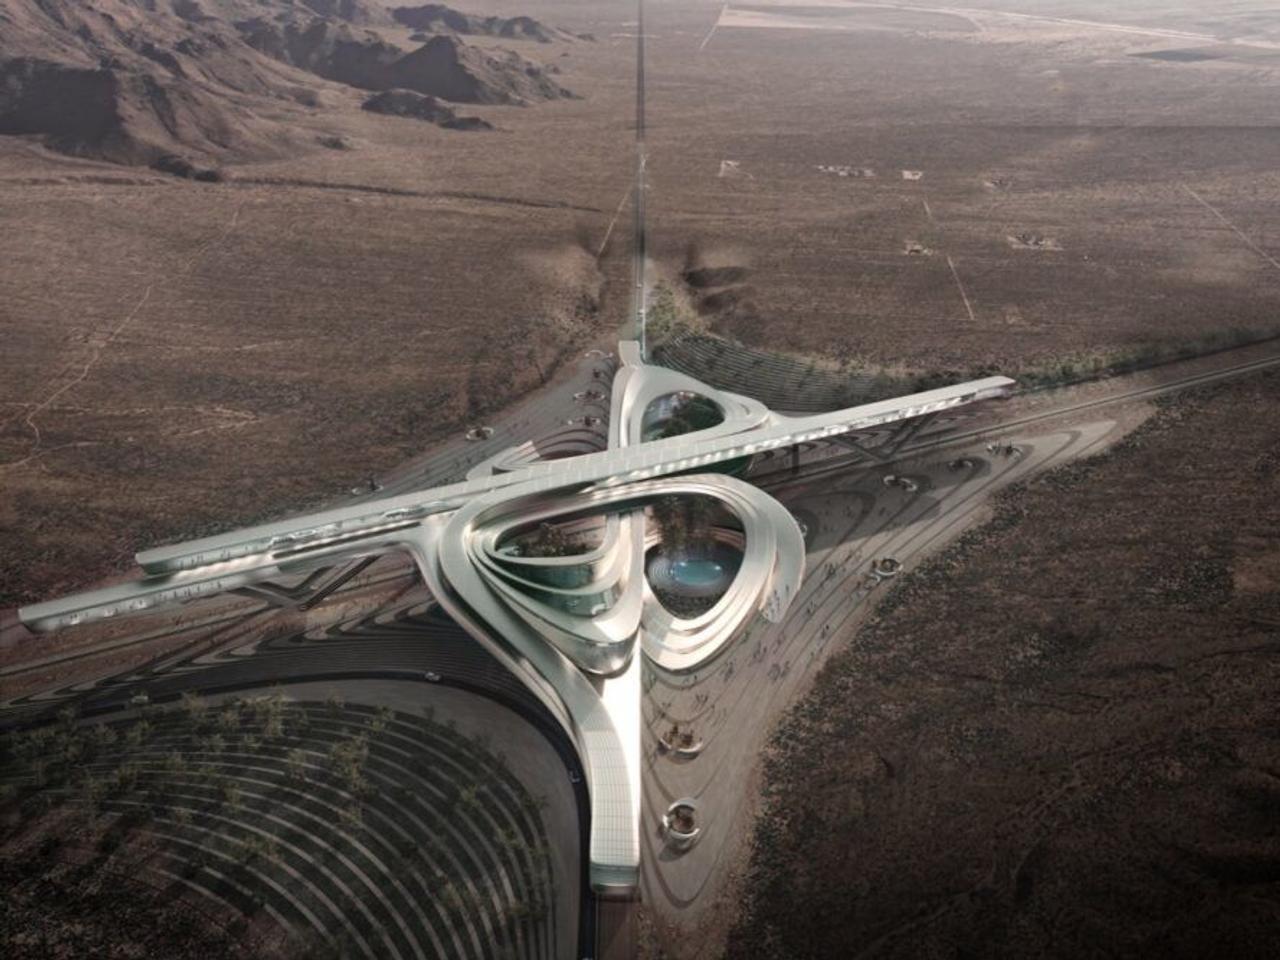 Кампус Hyperloop в пустыне Мохаве представляет собой футуристический оазис на солнечной энергии